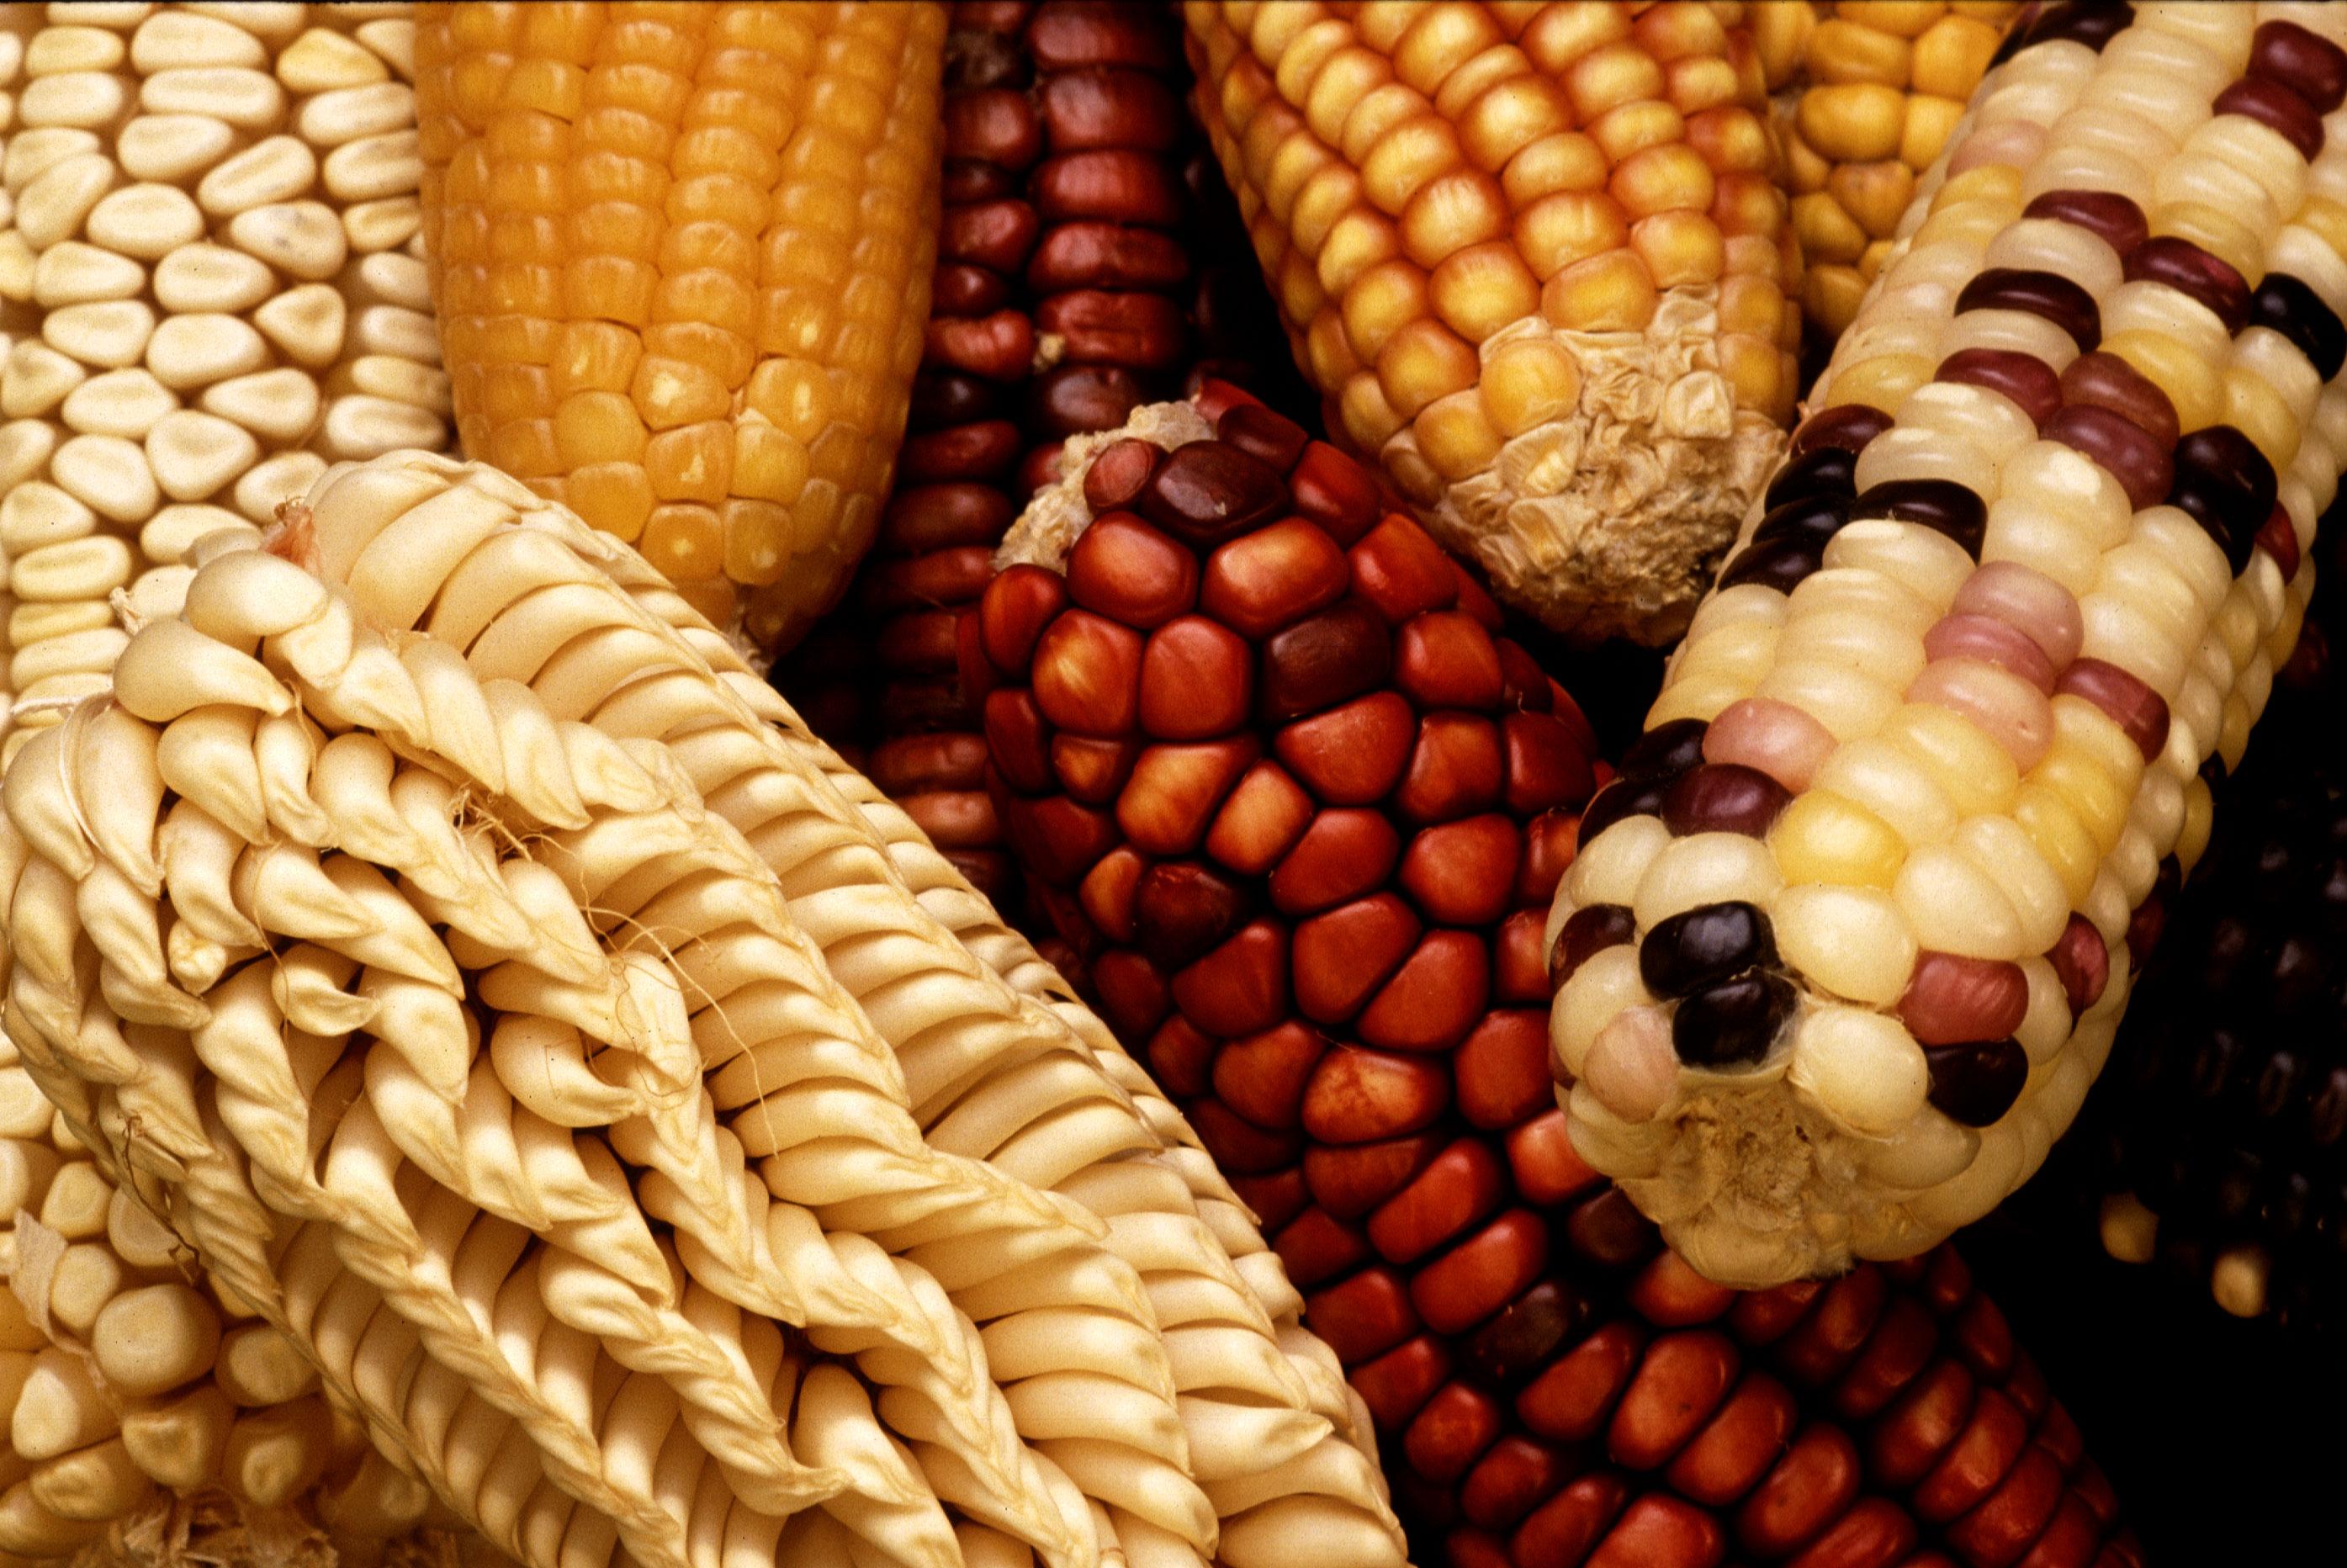 La evolución de nuestra comida